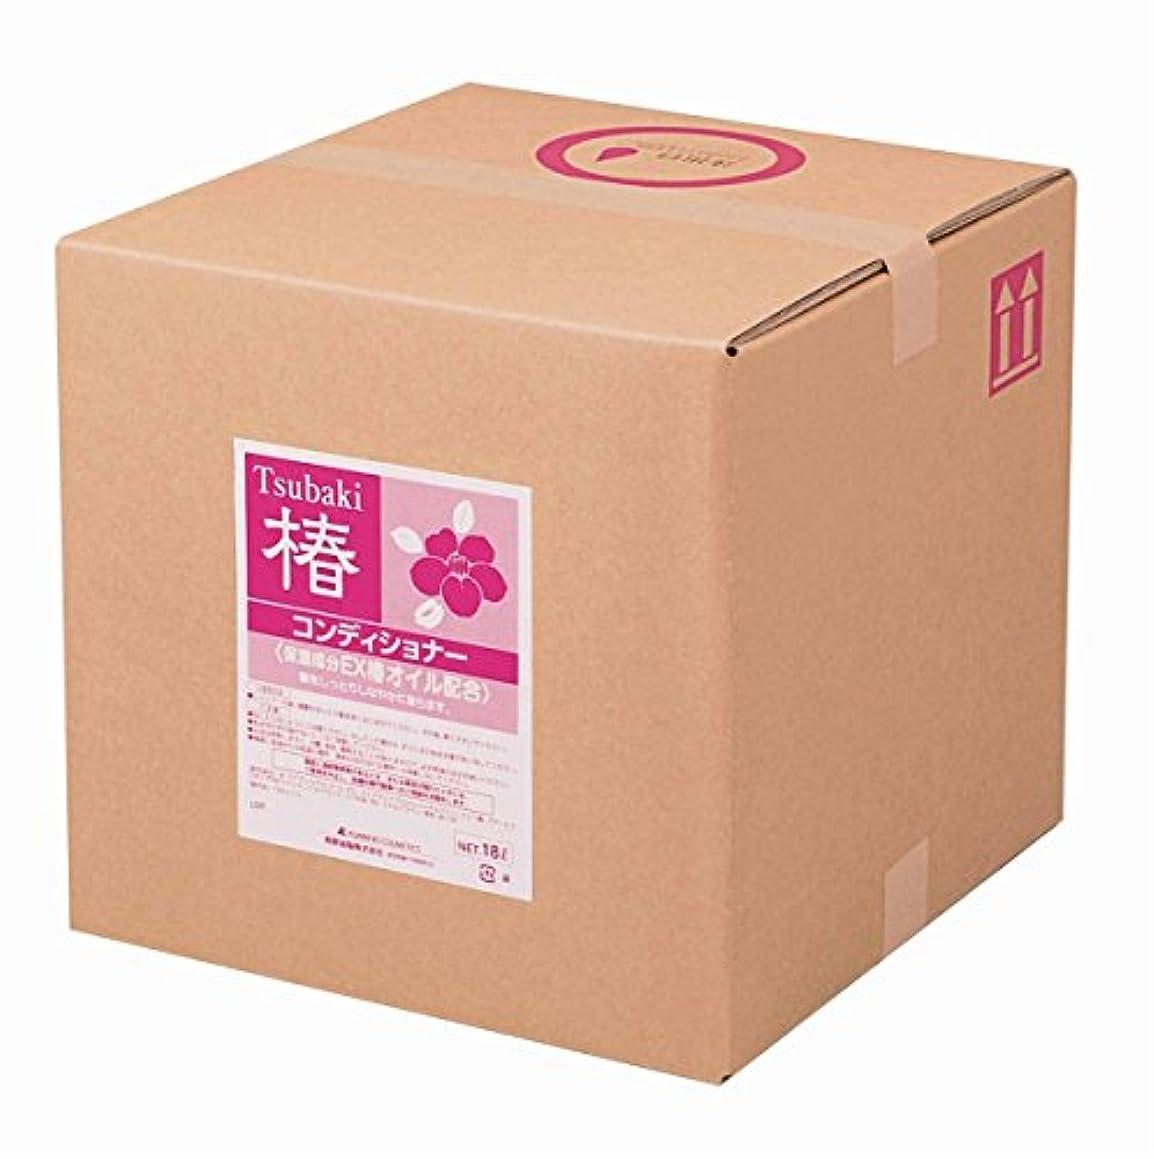 ビタミン更新する殉教者熊野油脂 業務用 椿 コンディショナー 18L